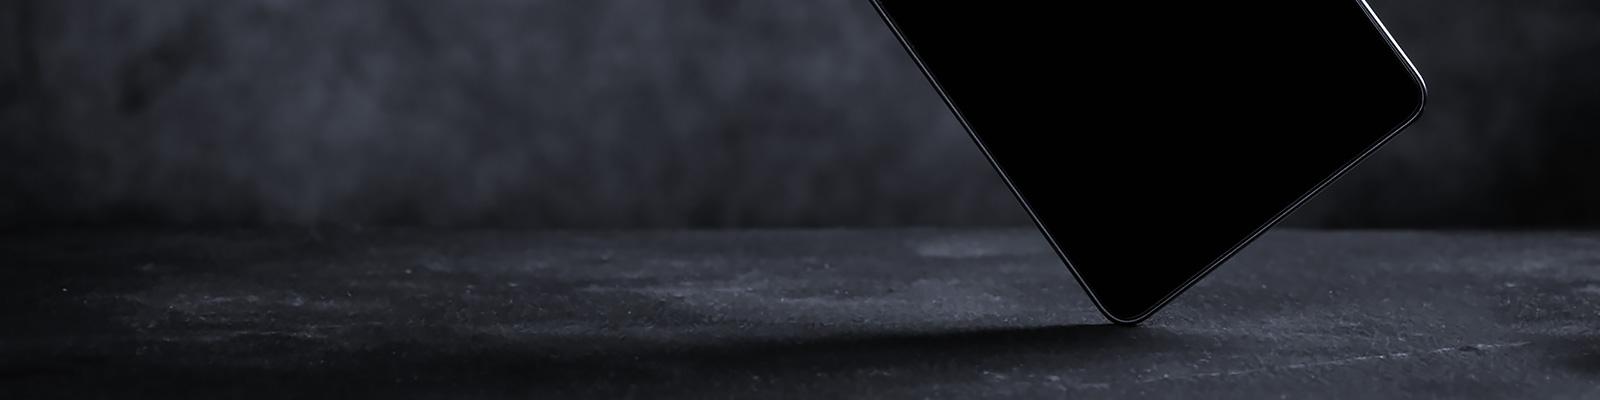 スマートフォン イメージ